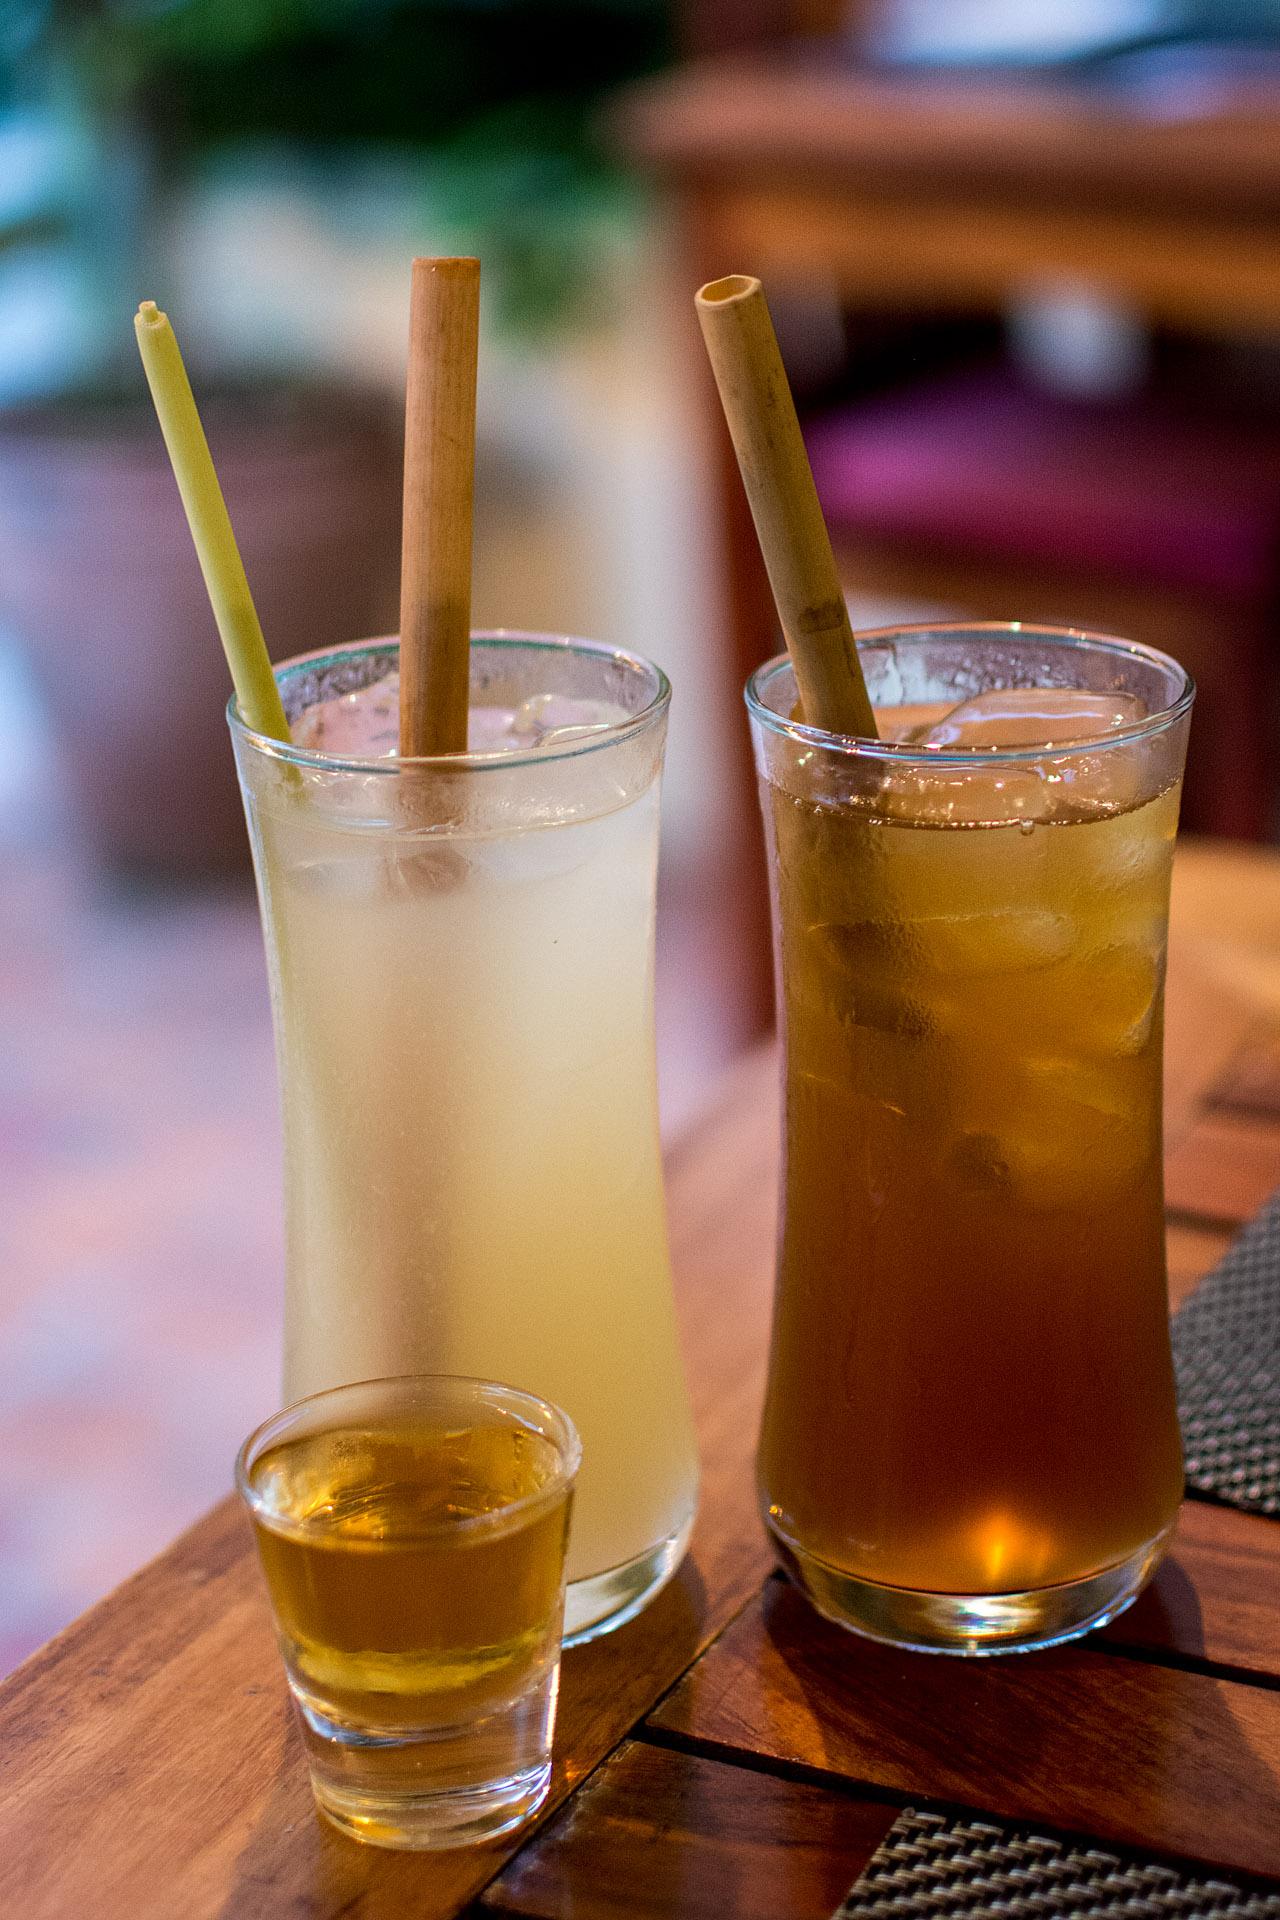 Tamarind juice, lemongrass & lime juice, chili-infused Lao whisky (Tamarind)